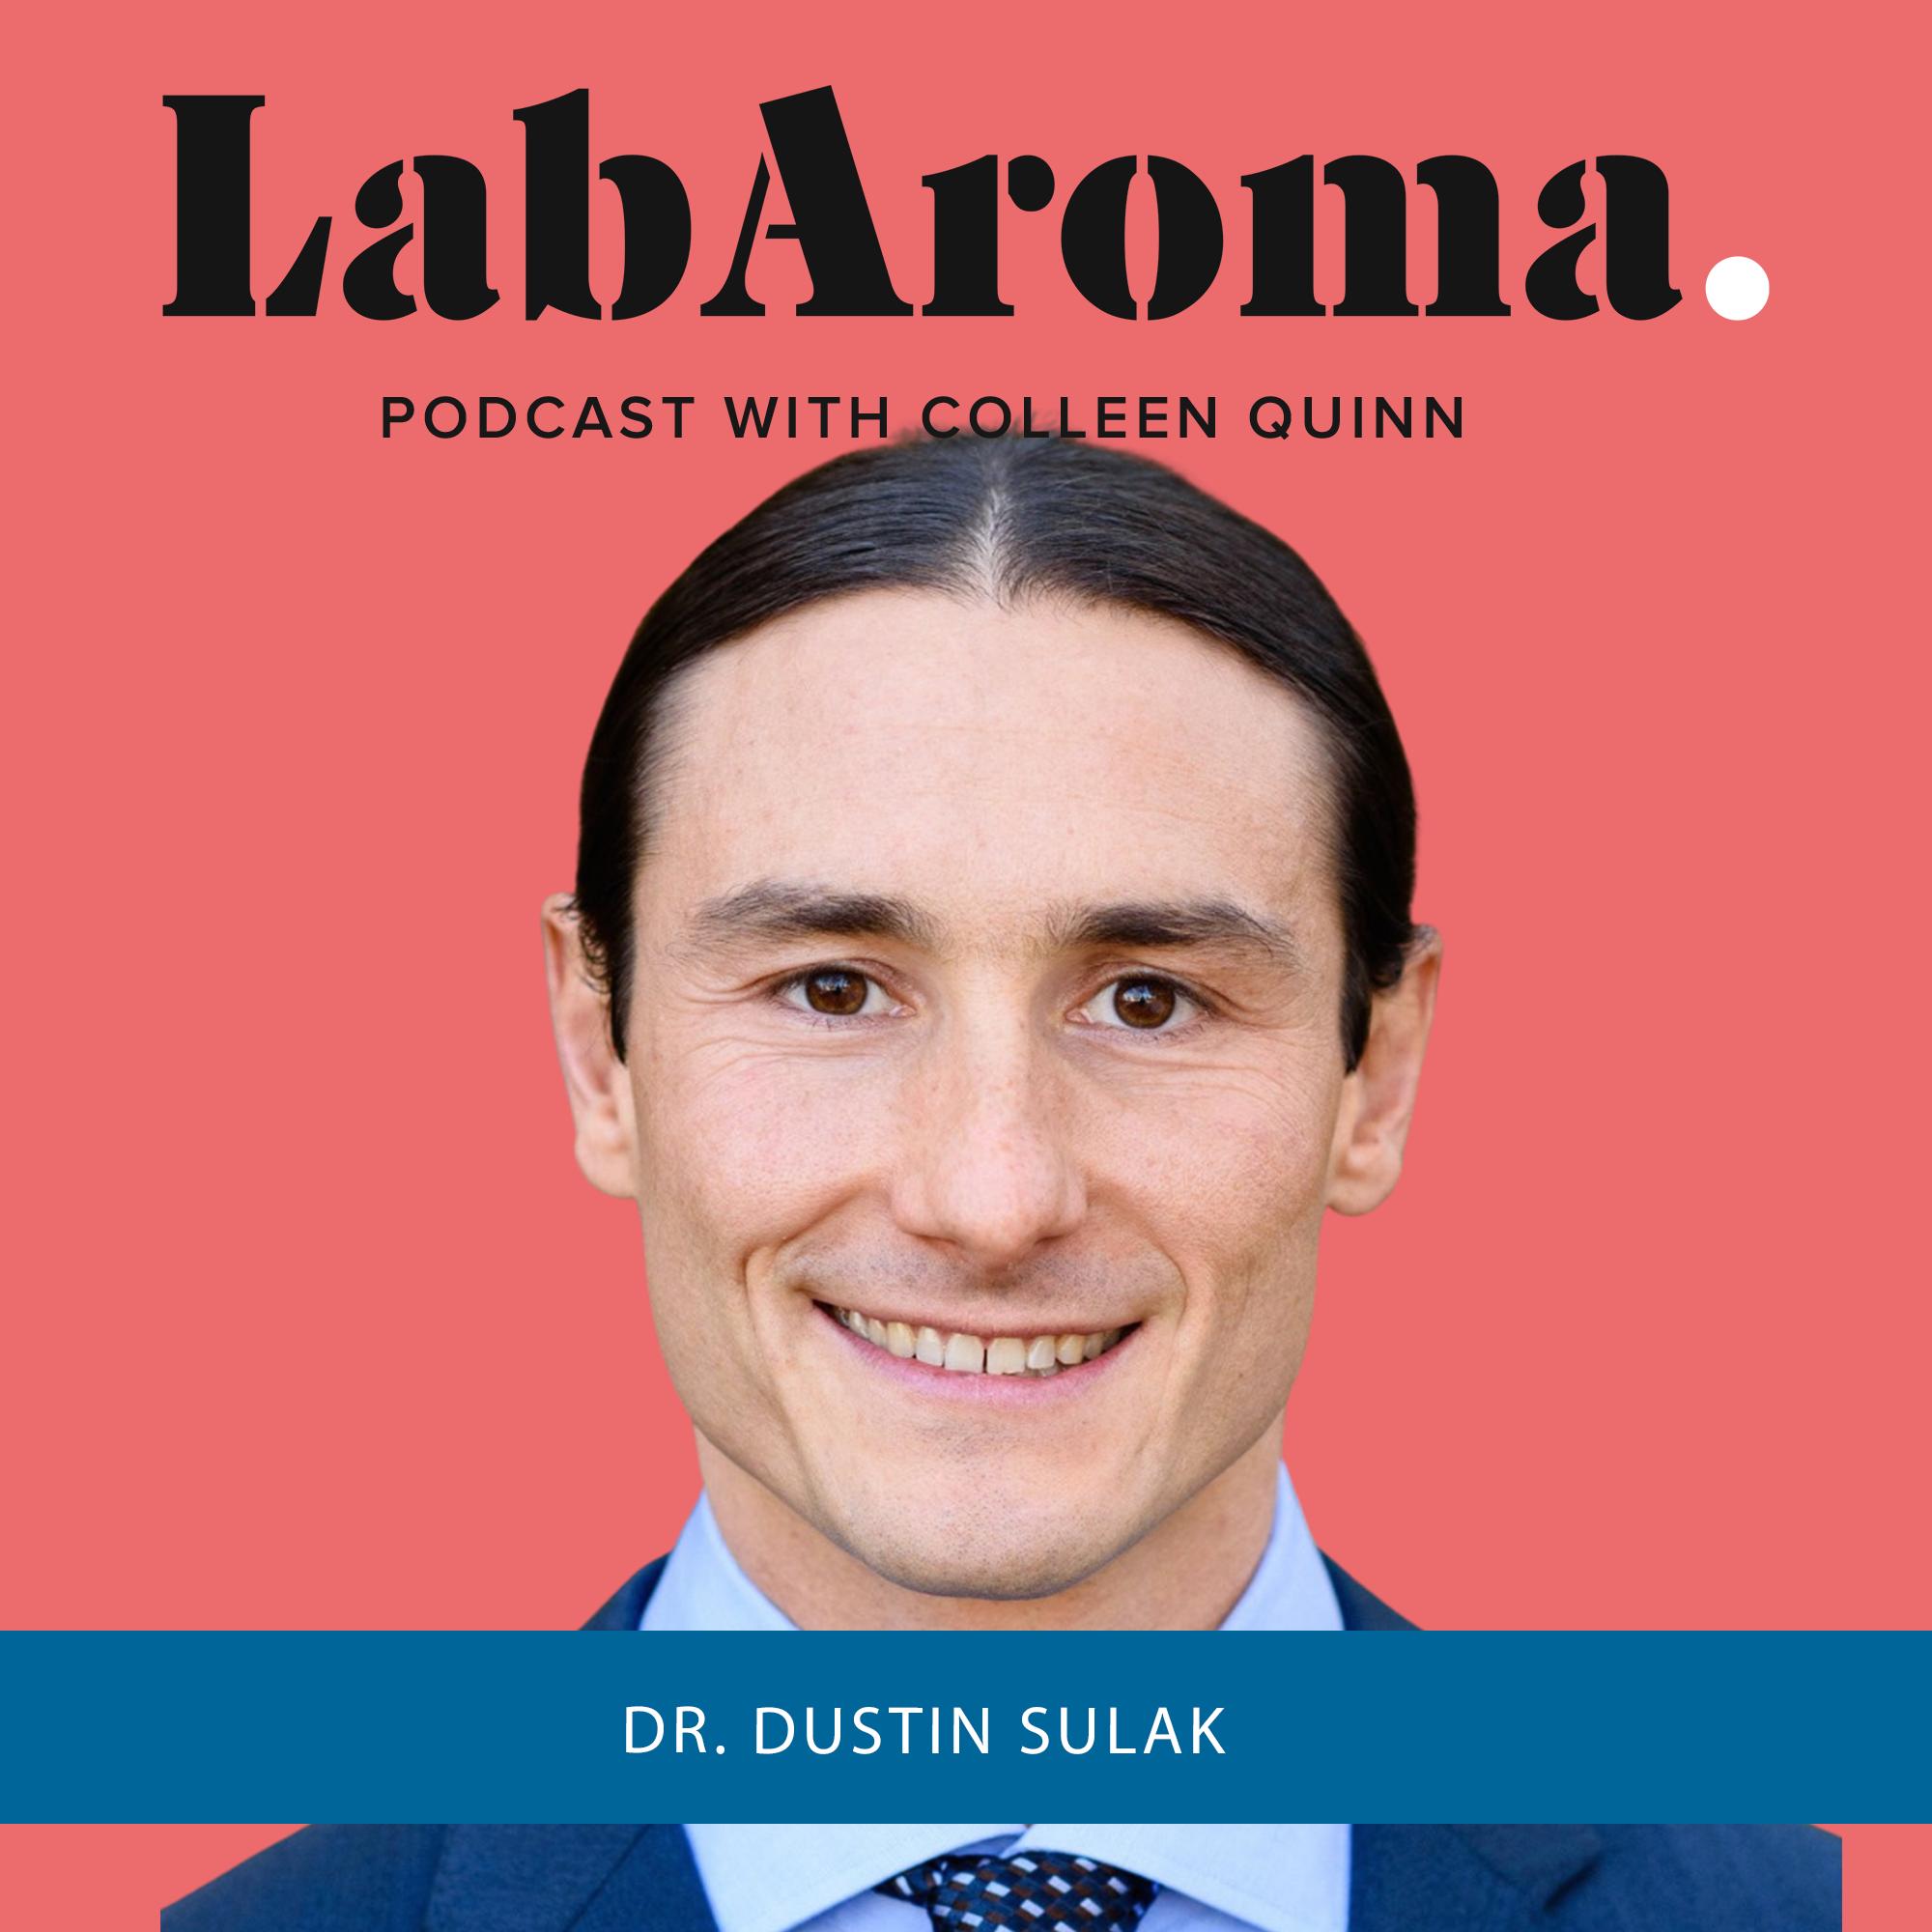 Dr Dustin Sulak